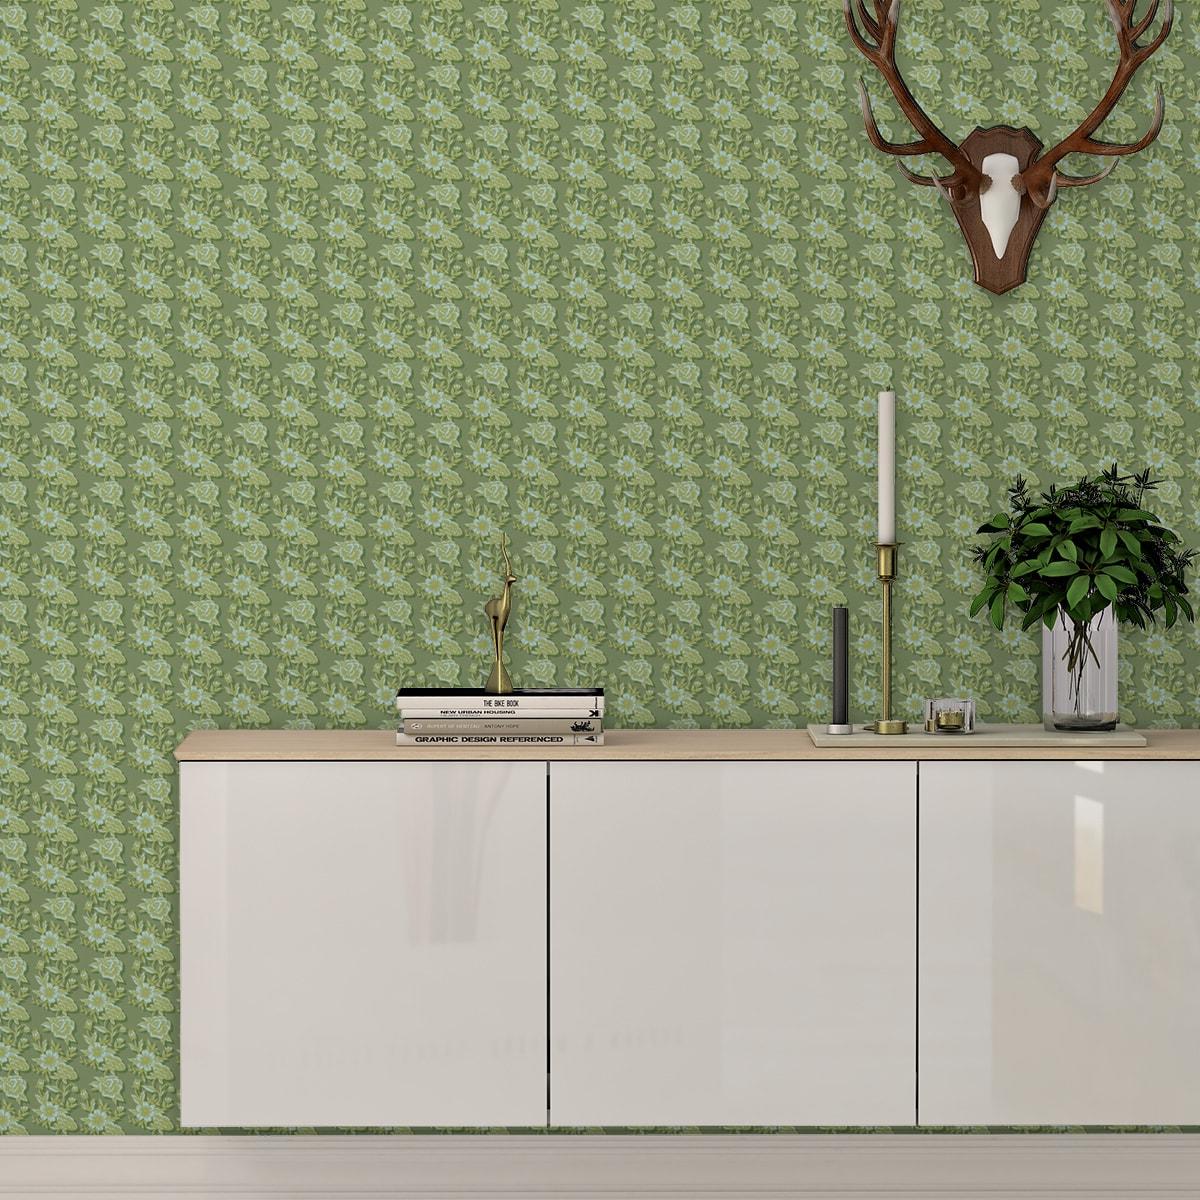 """Grüne Blümchen Tapete """"Les fleurs du chateau"""", grüne Vlies Tapete Blumen, schöne Blumentapete für Küche"""